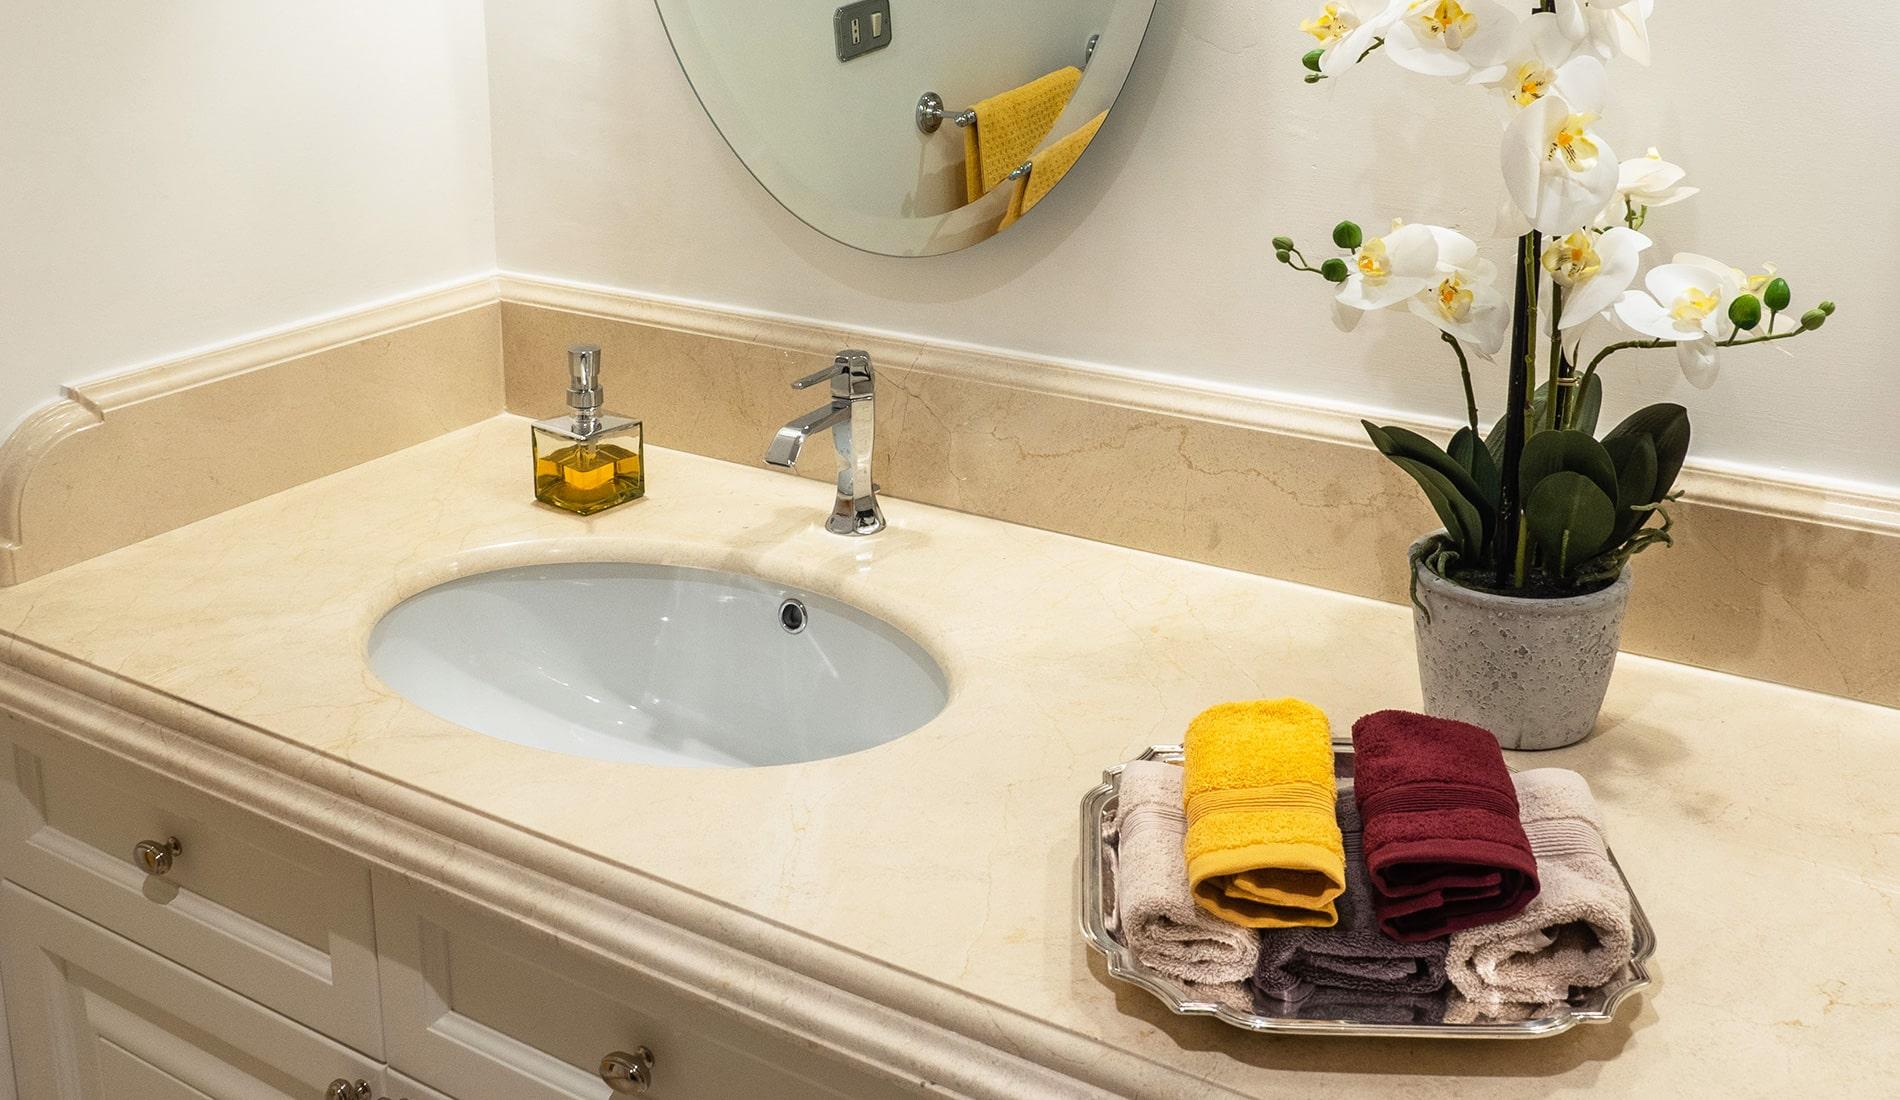 marmi-strada-bagni-in-marmo-naturale-lavelli-vasche-docce-rivestimenti-10